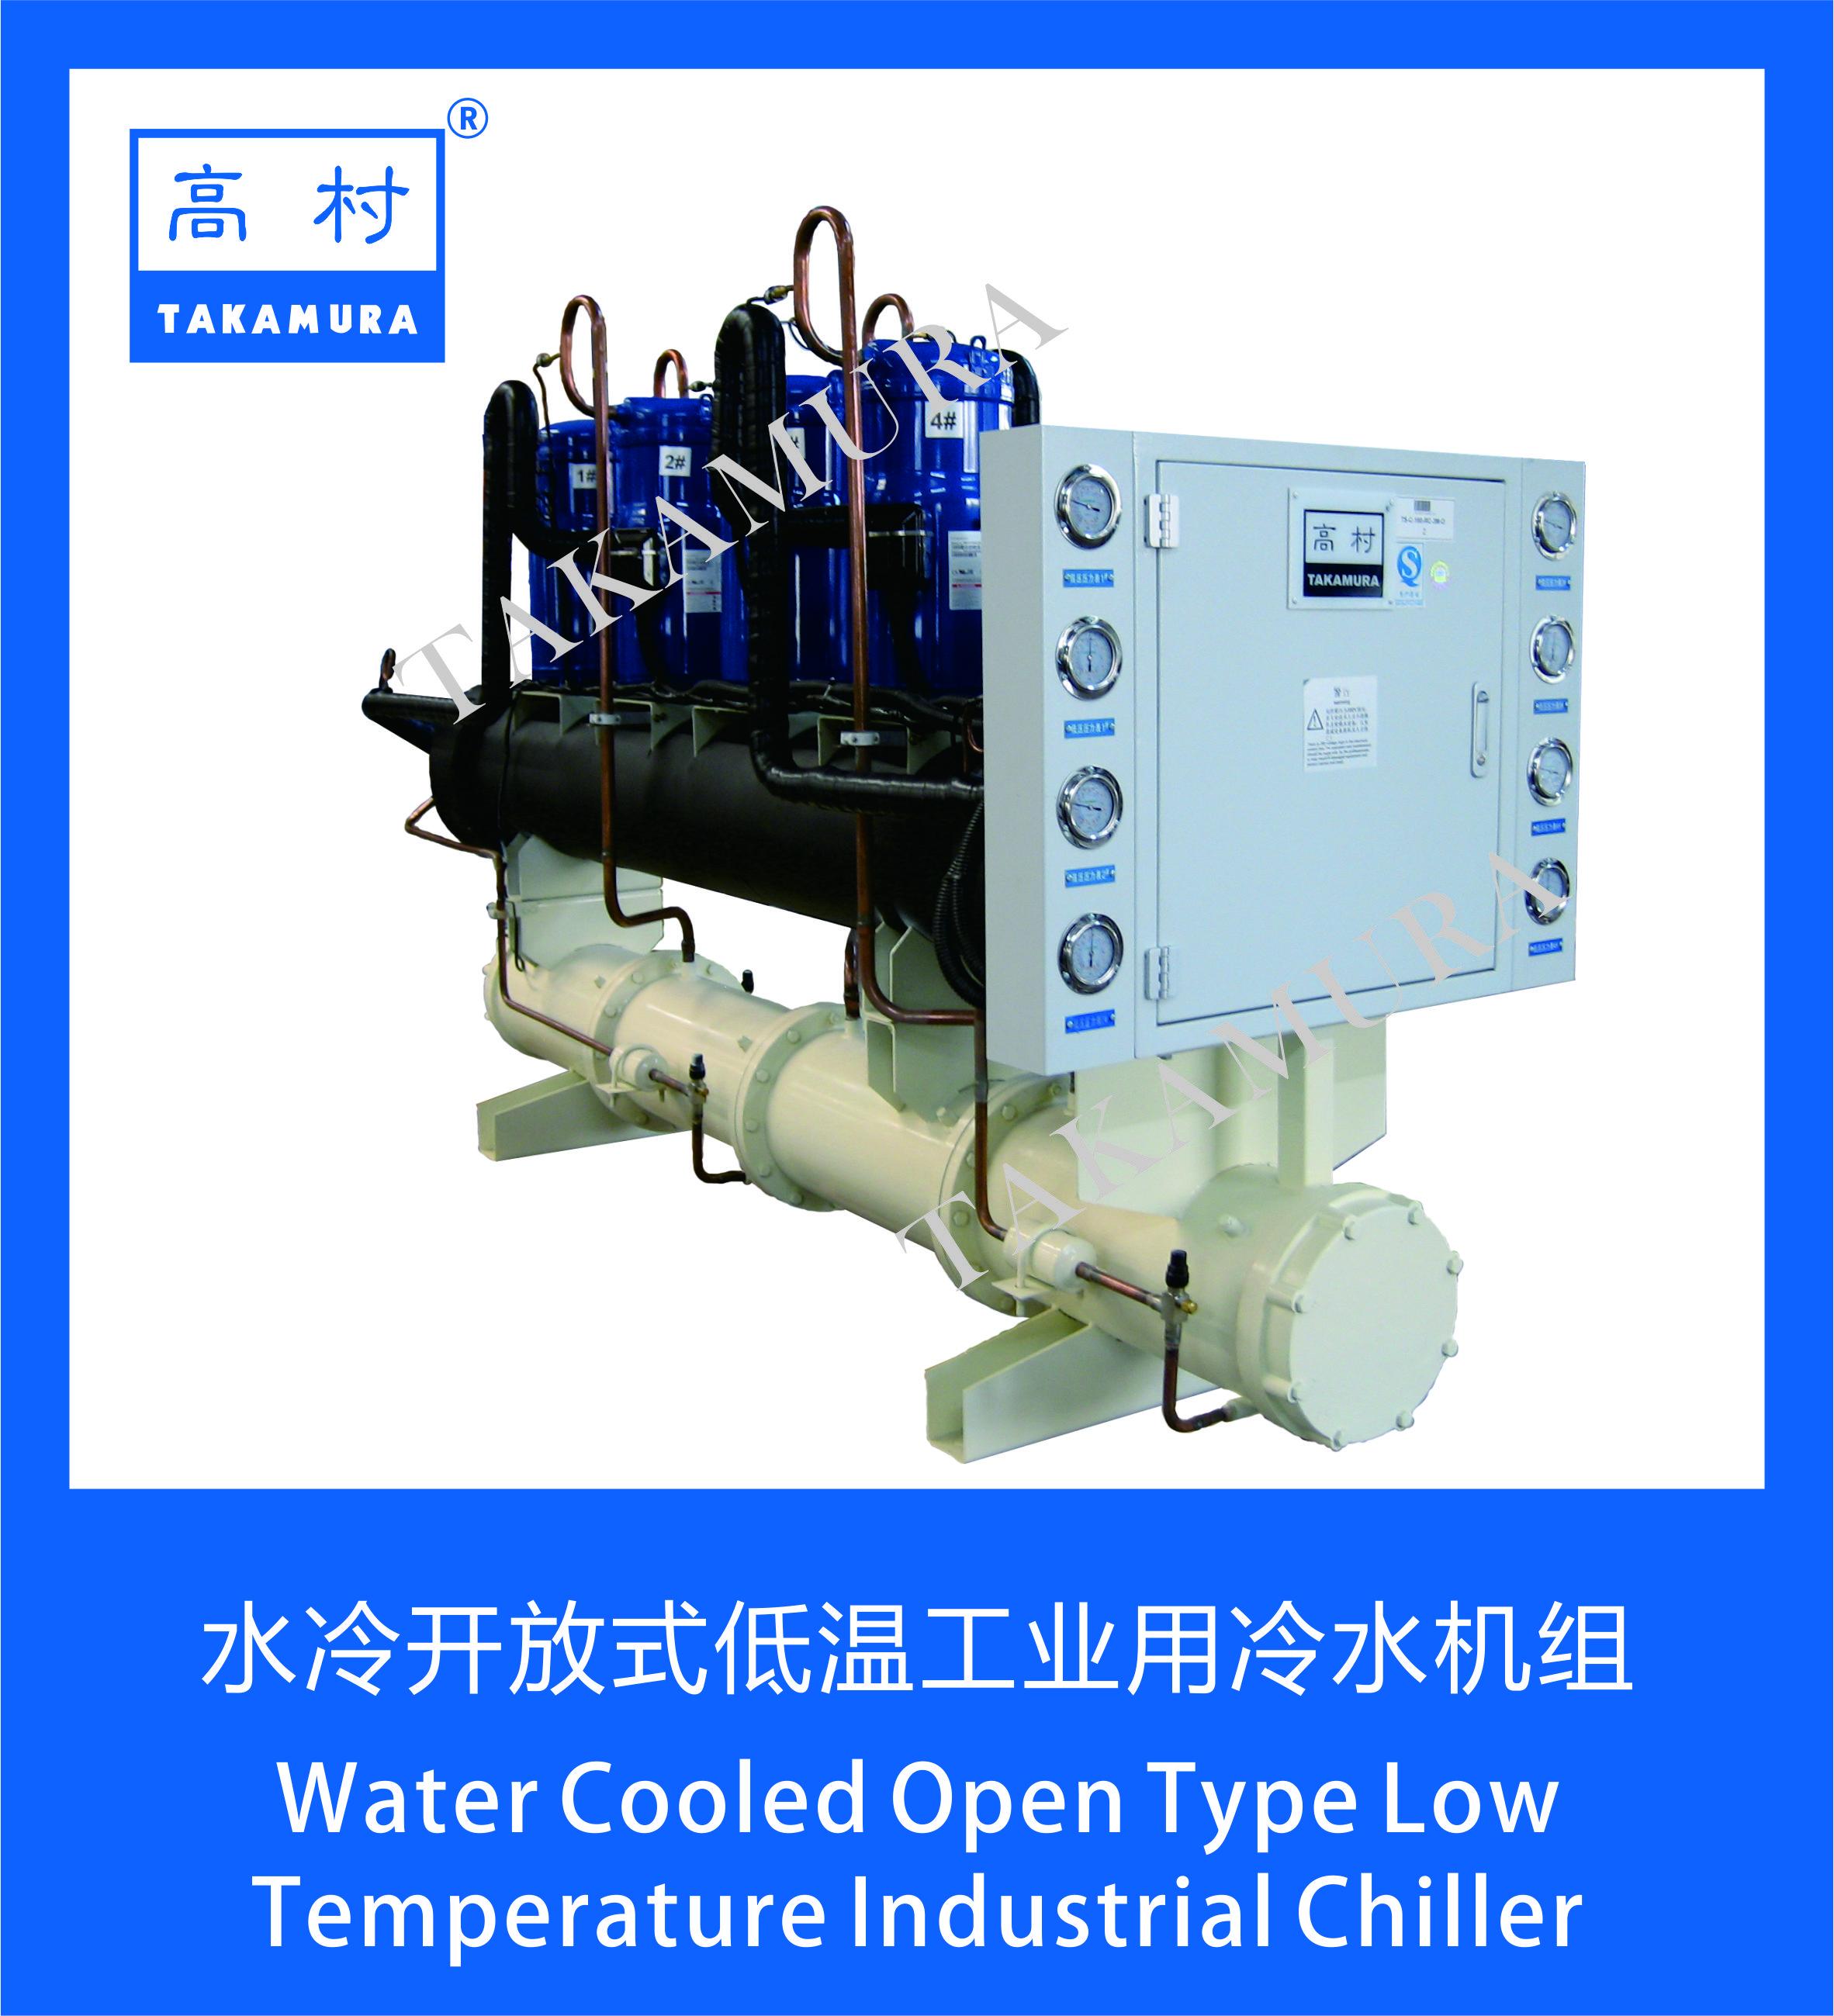 水冷开放式低温工业用冷水机组